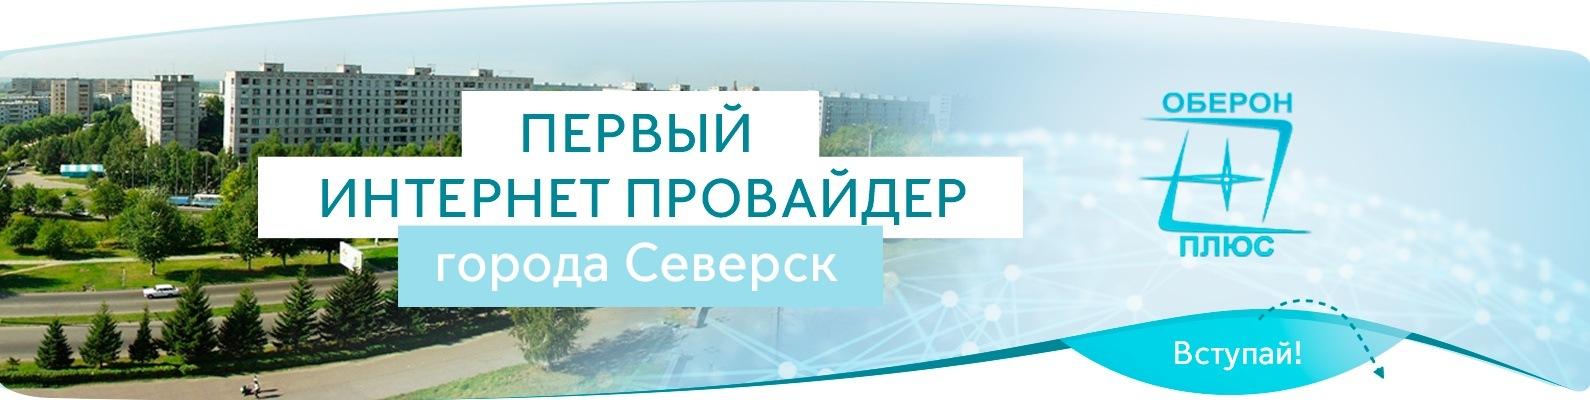 Реагент bot telegram Новороссийск